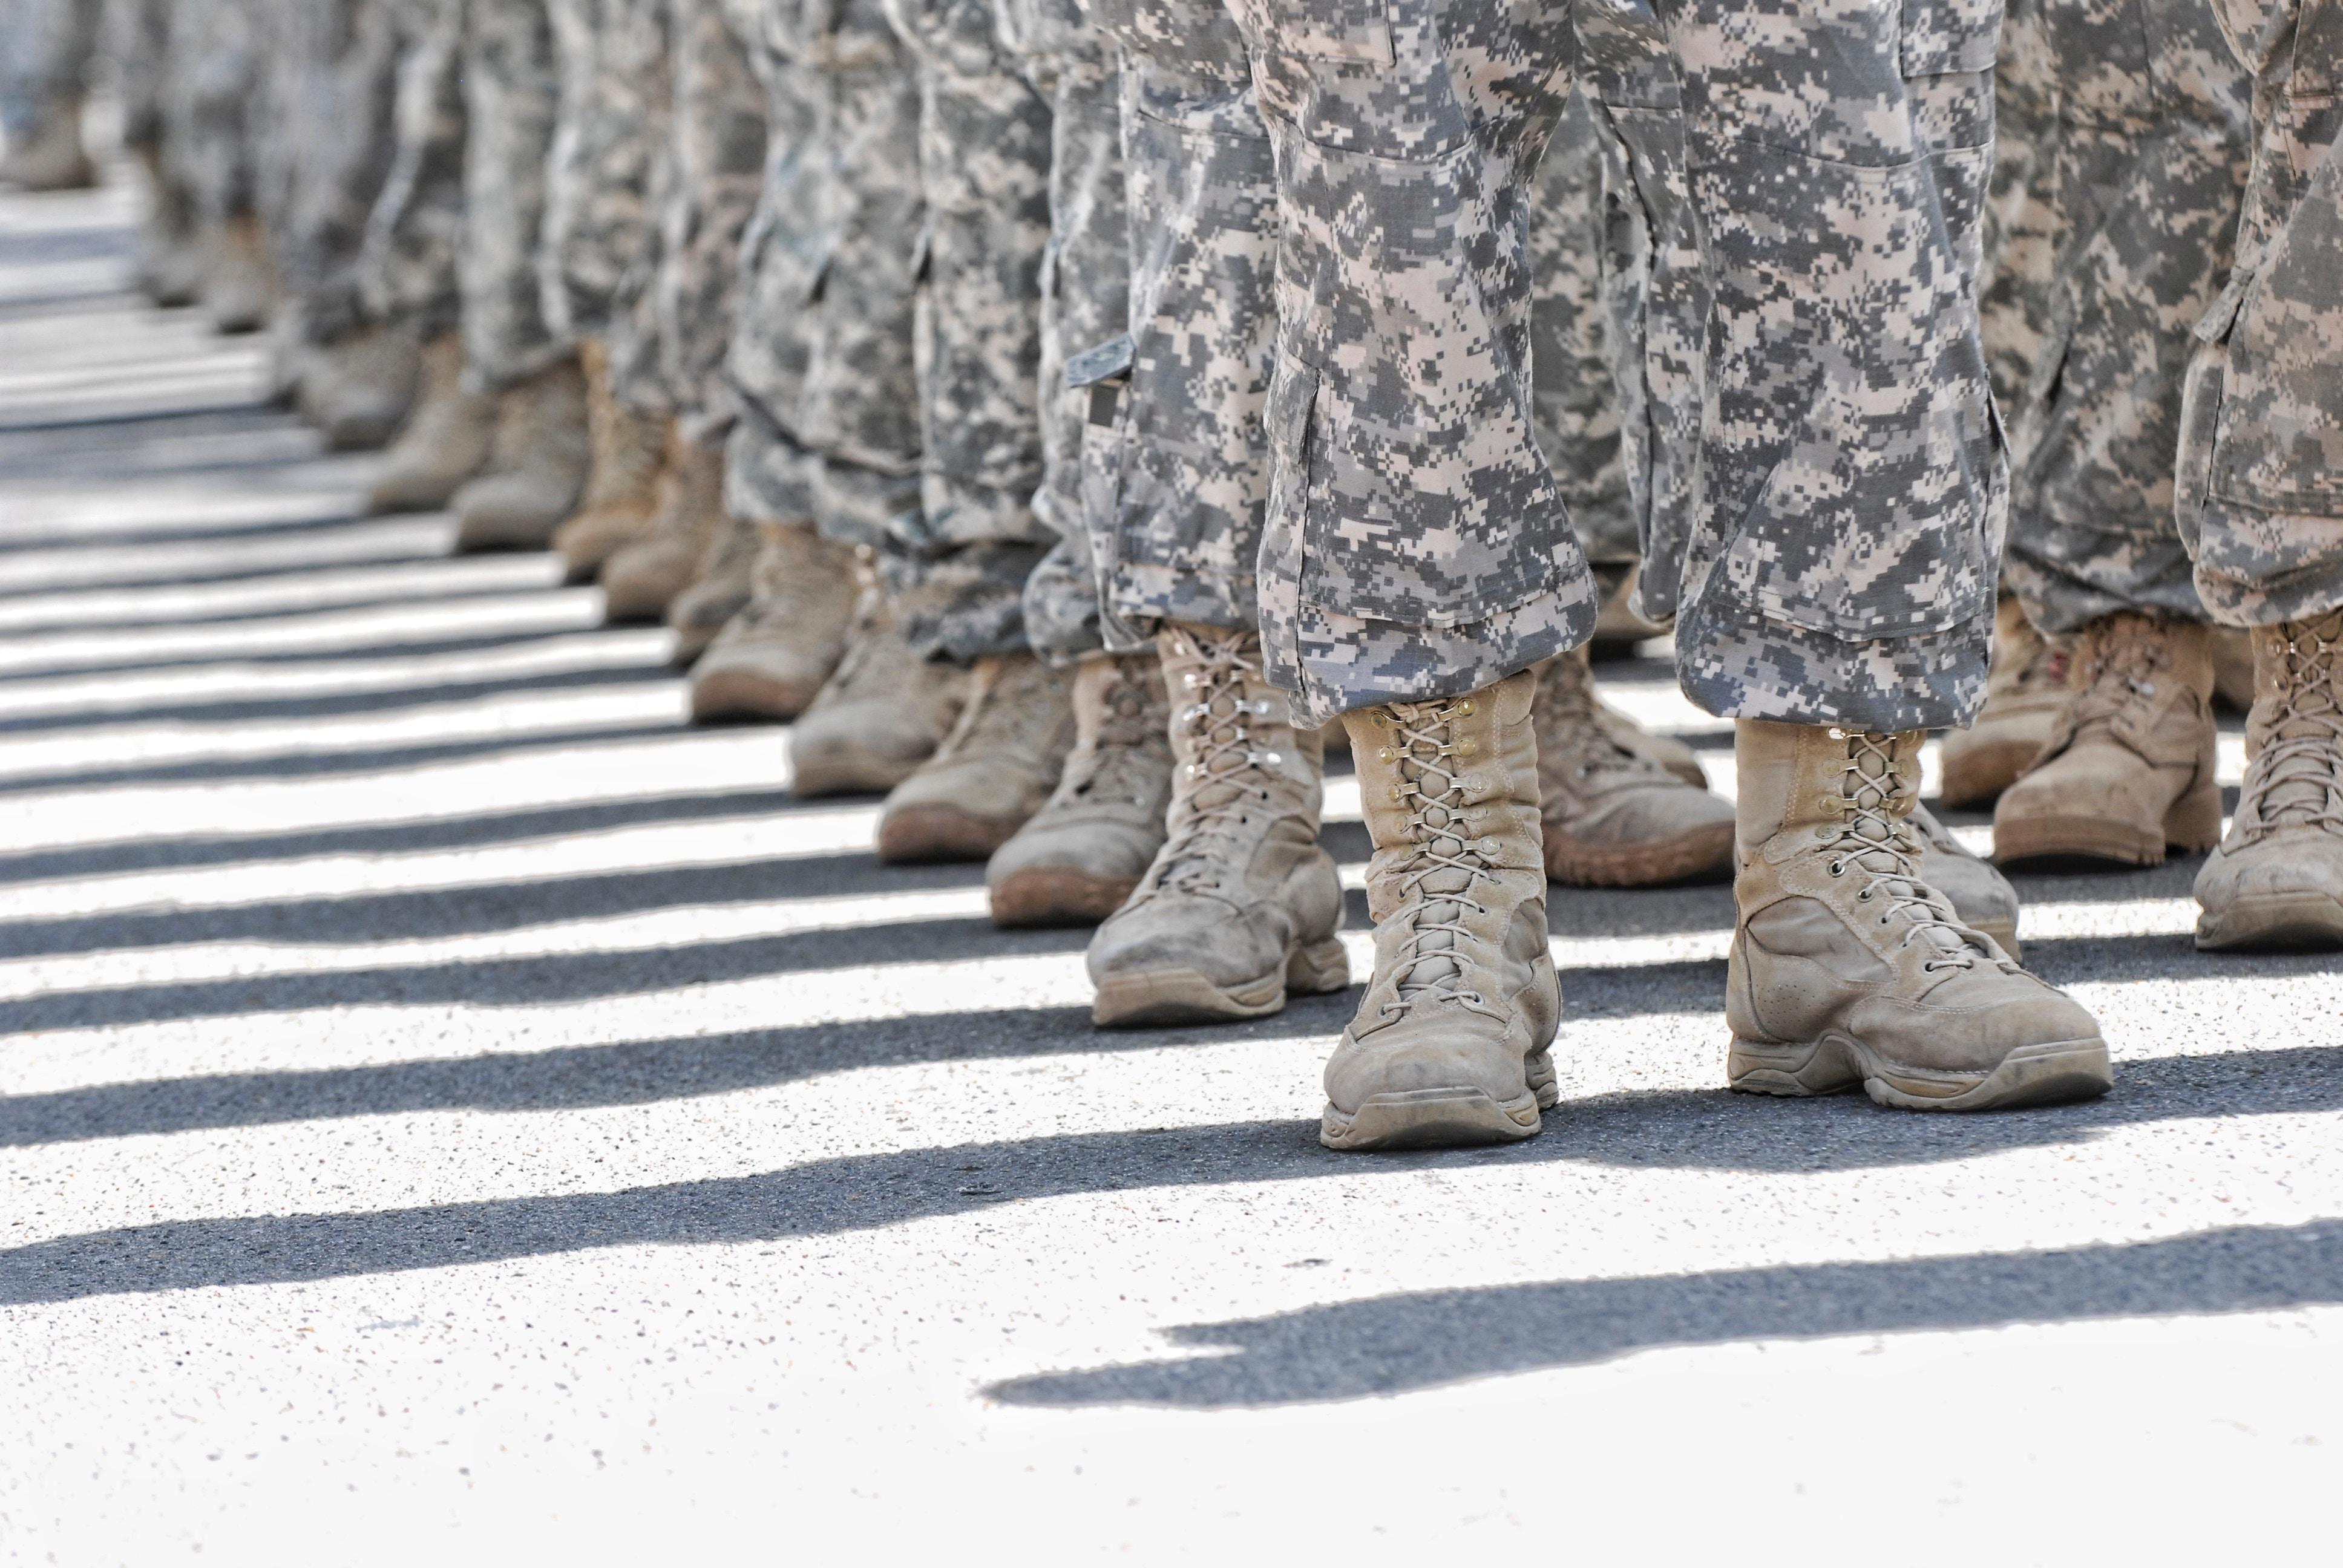 soldados indo pra guerra